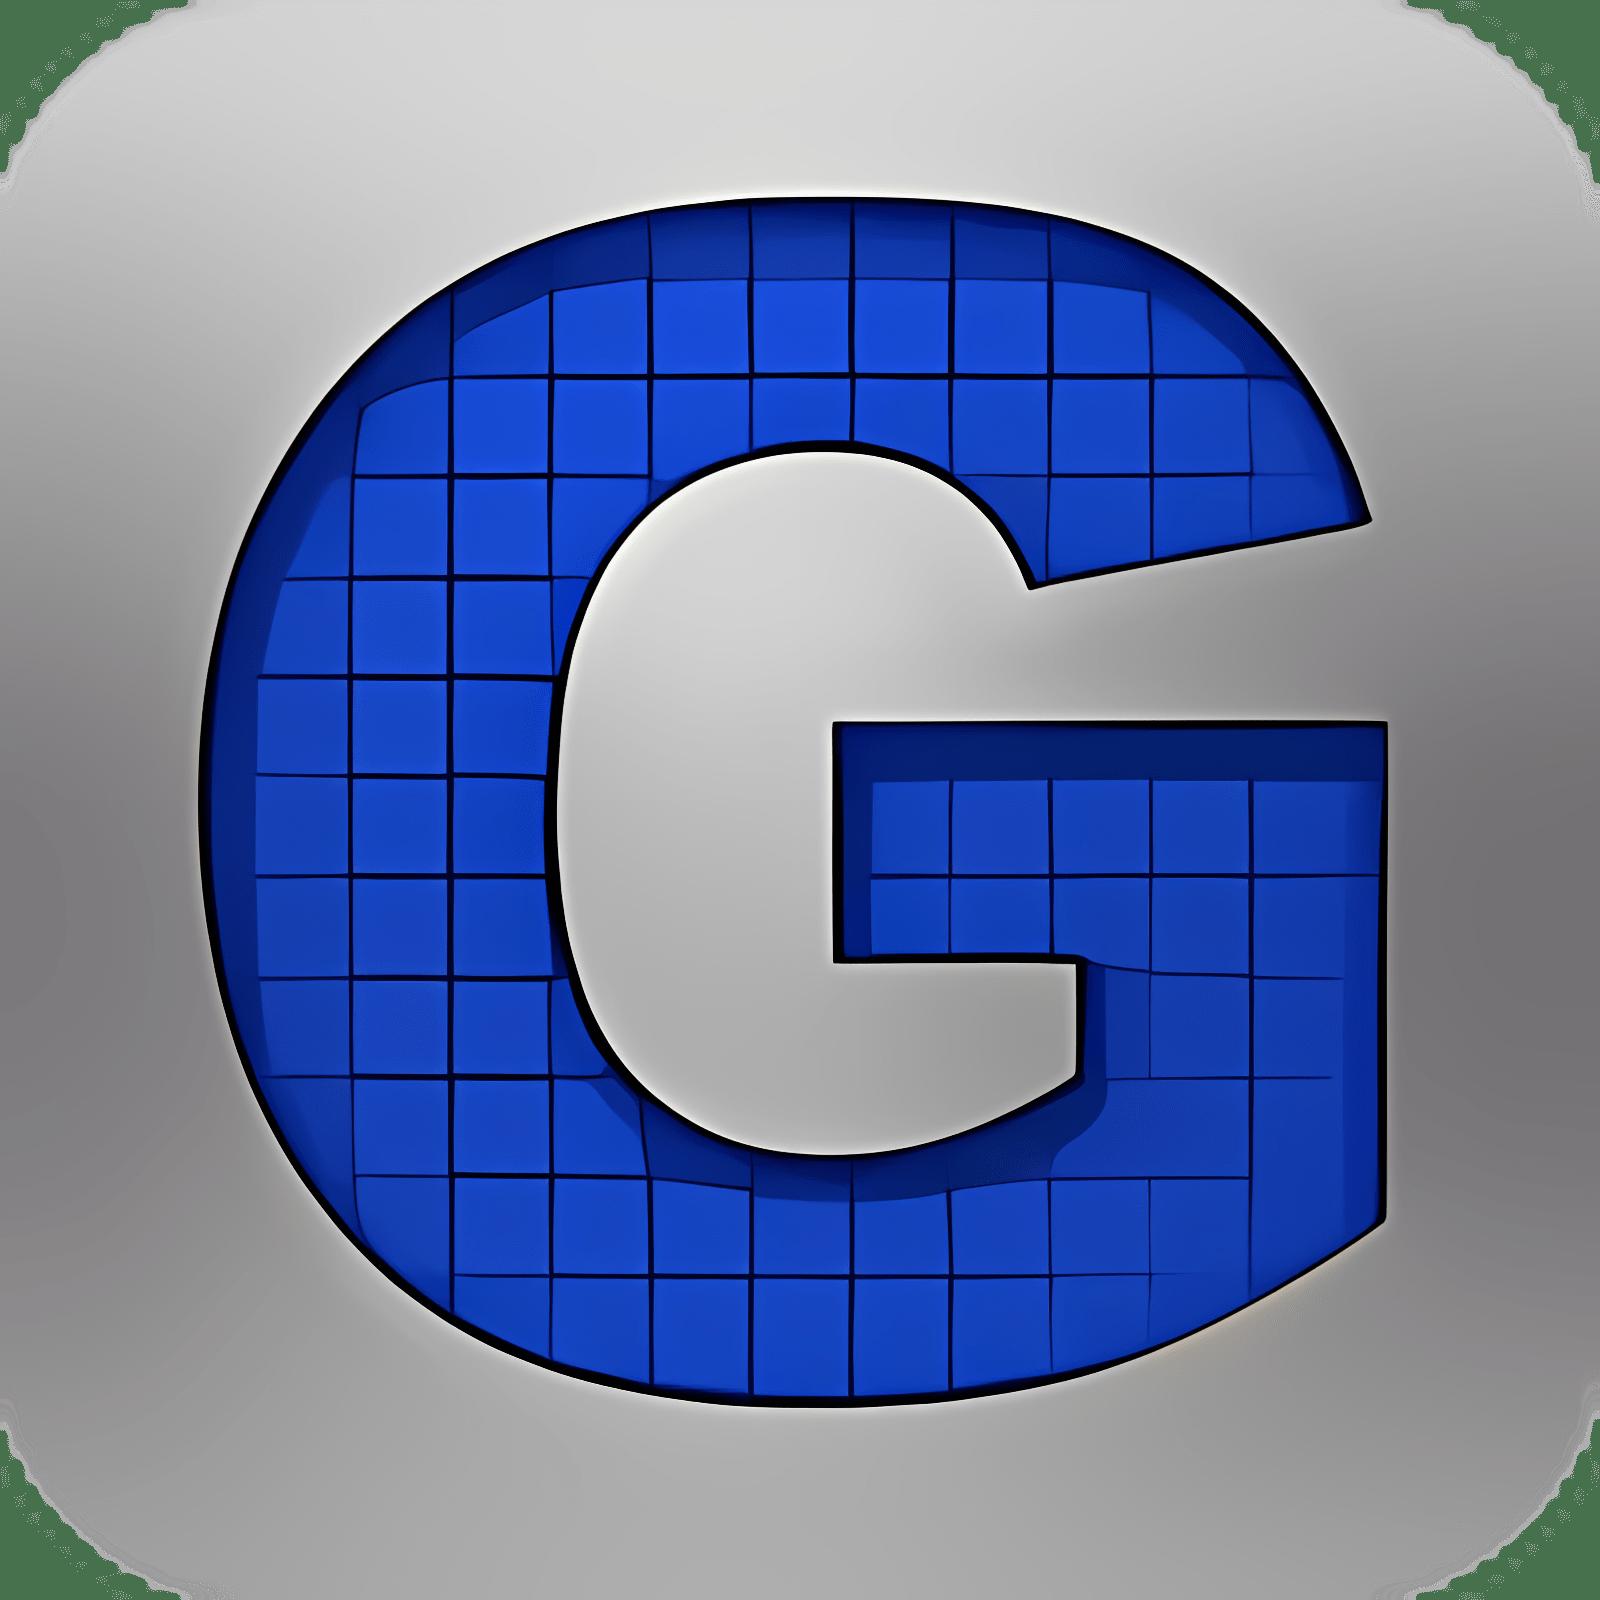 Graphulator 4.0